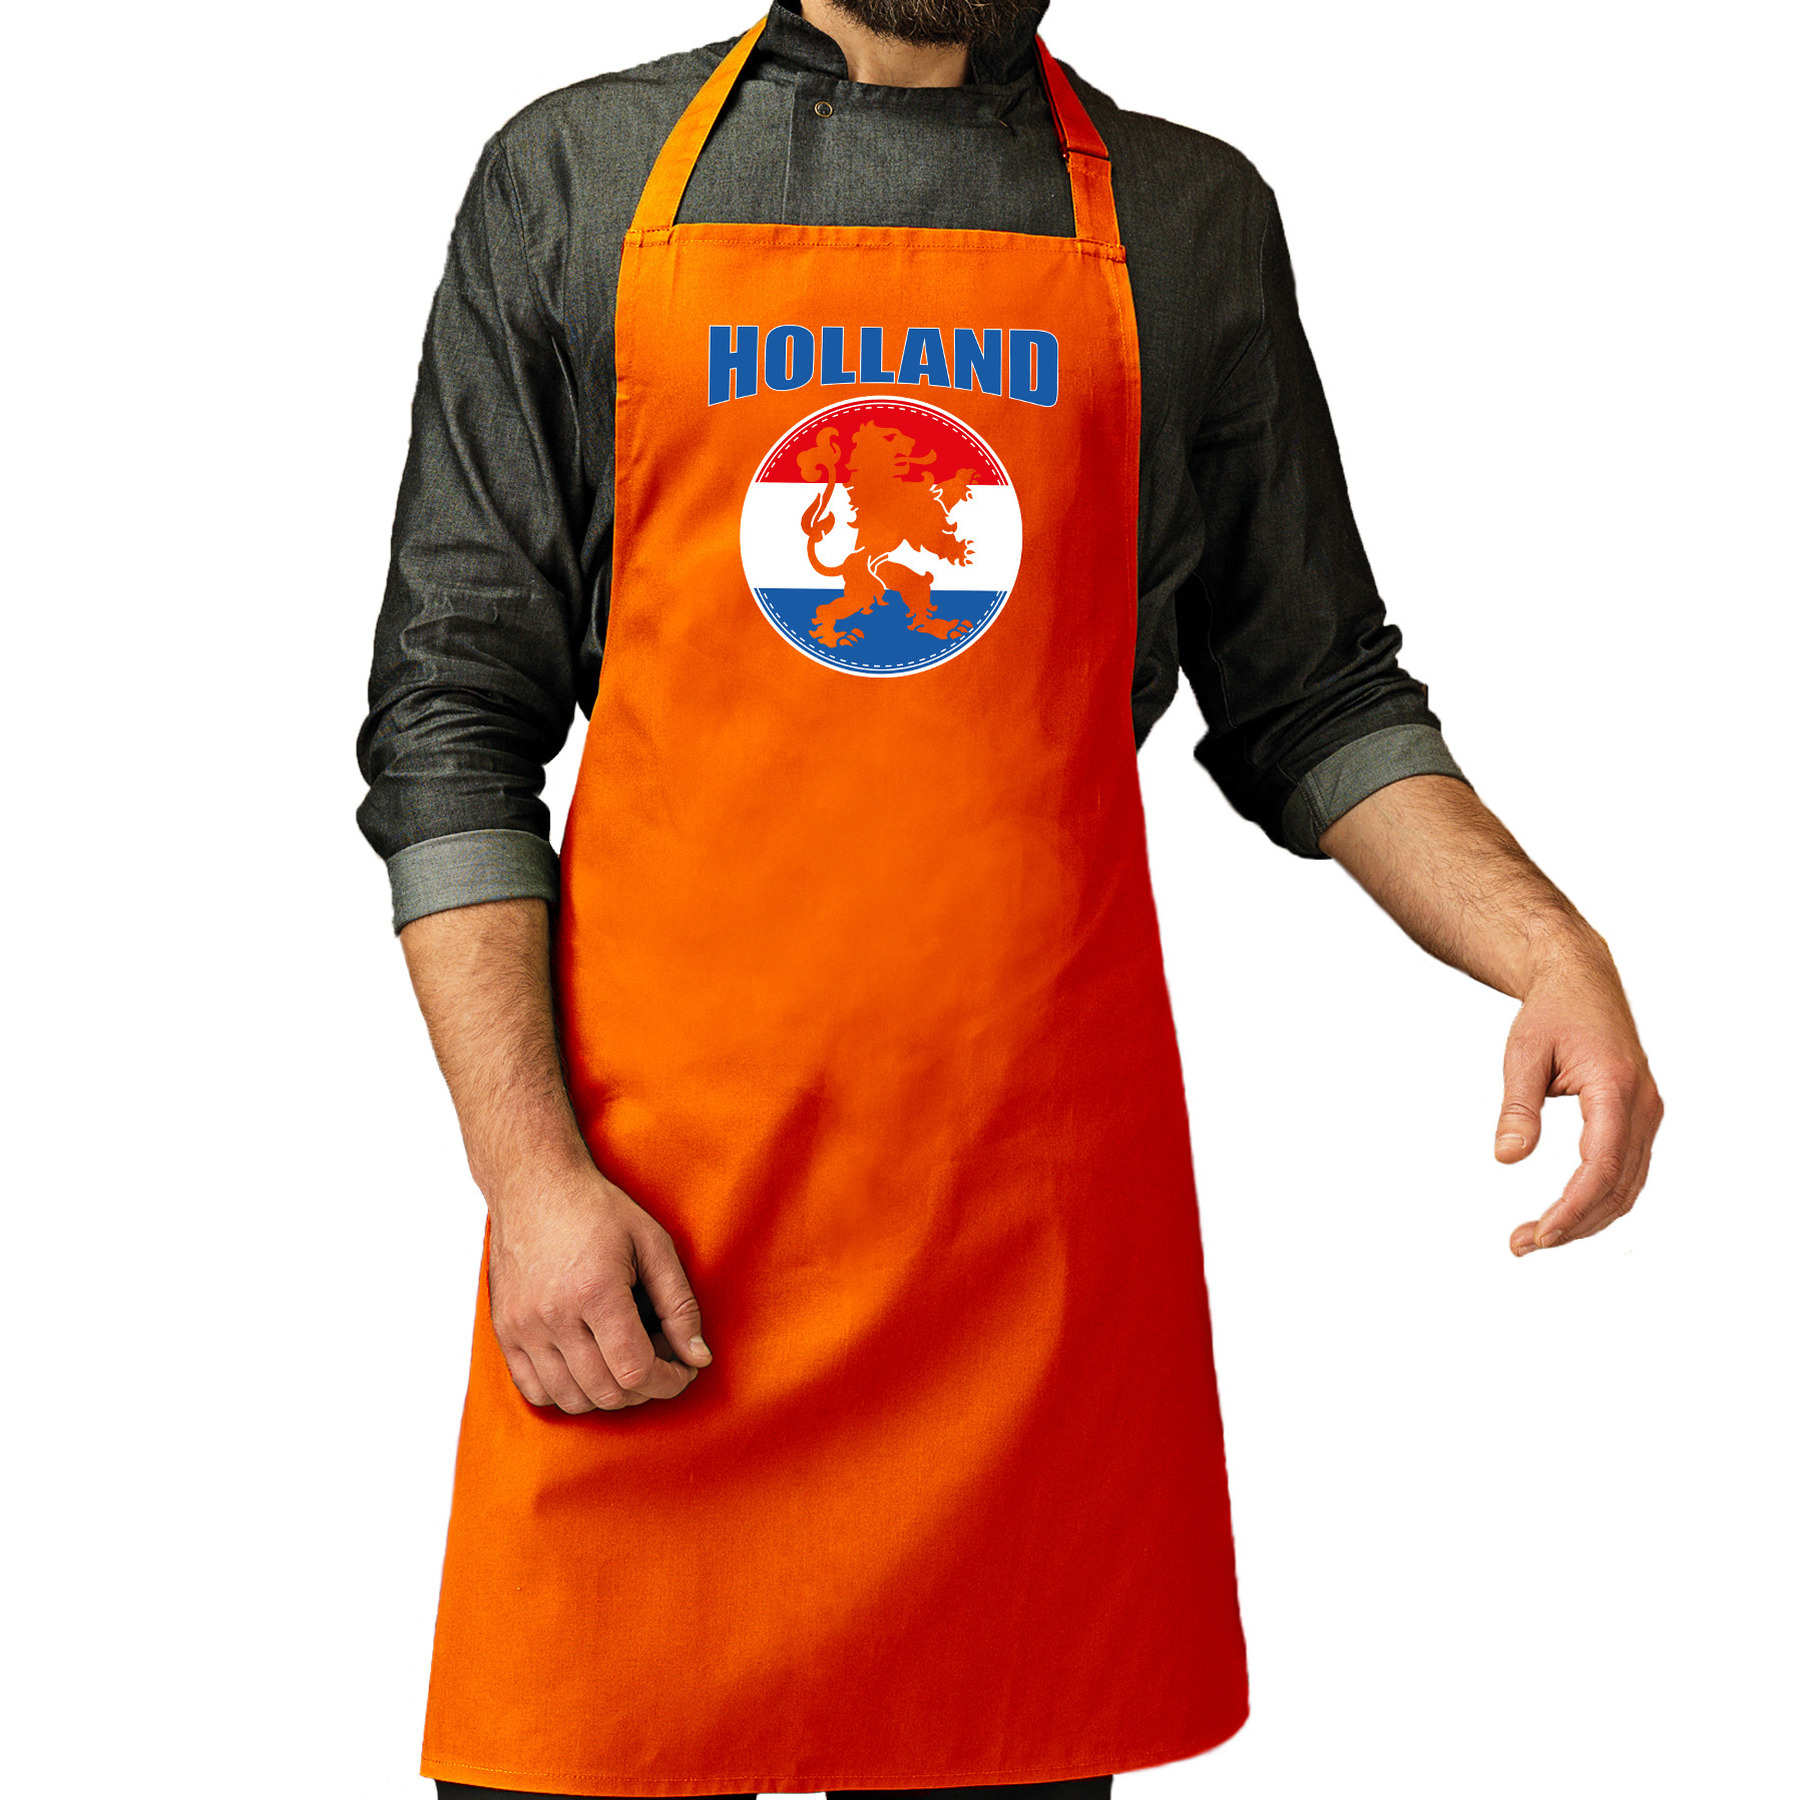 Holland oranje leeuw katoenen cadeau schort oranje EK/ WK voetbal voor dames en heren